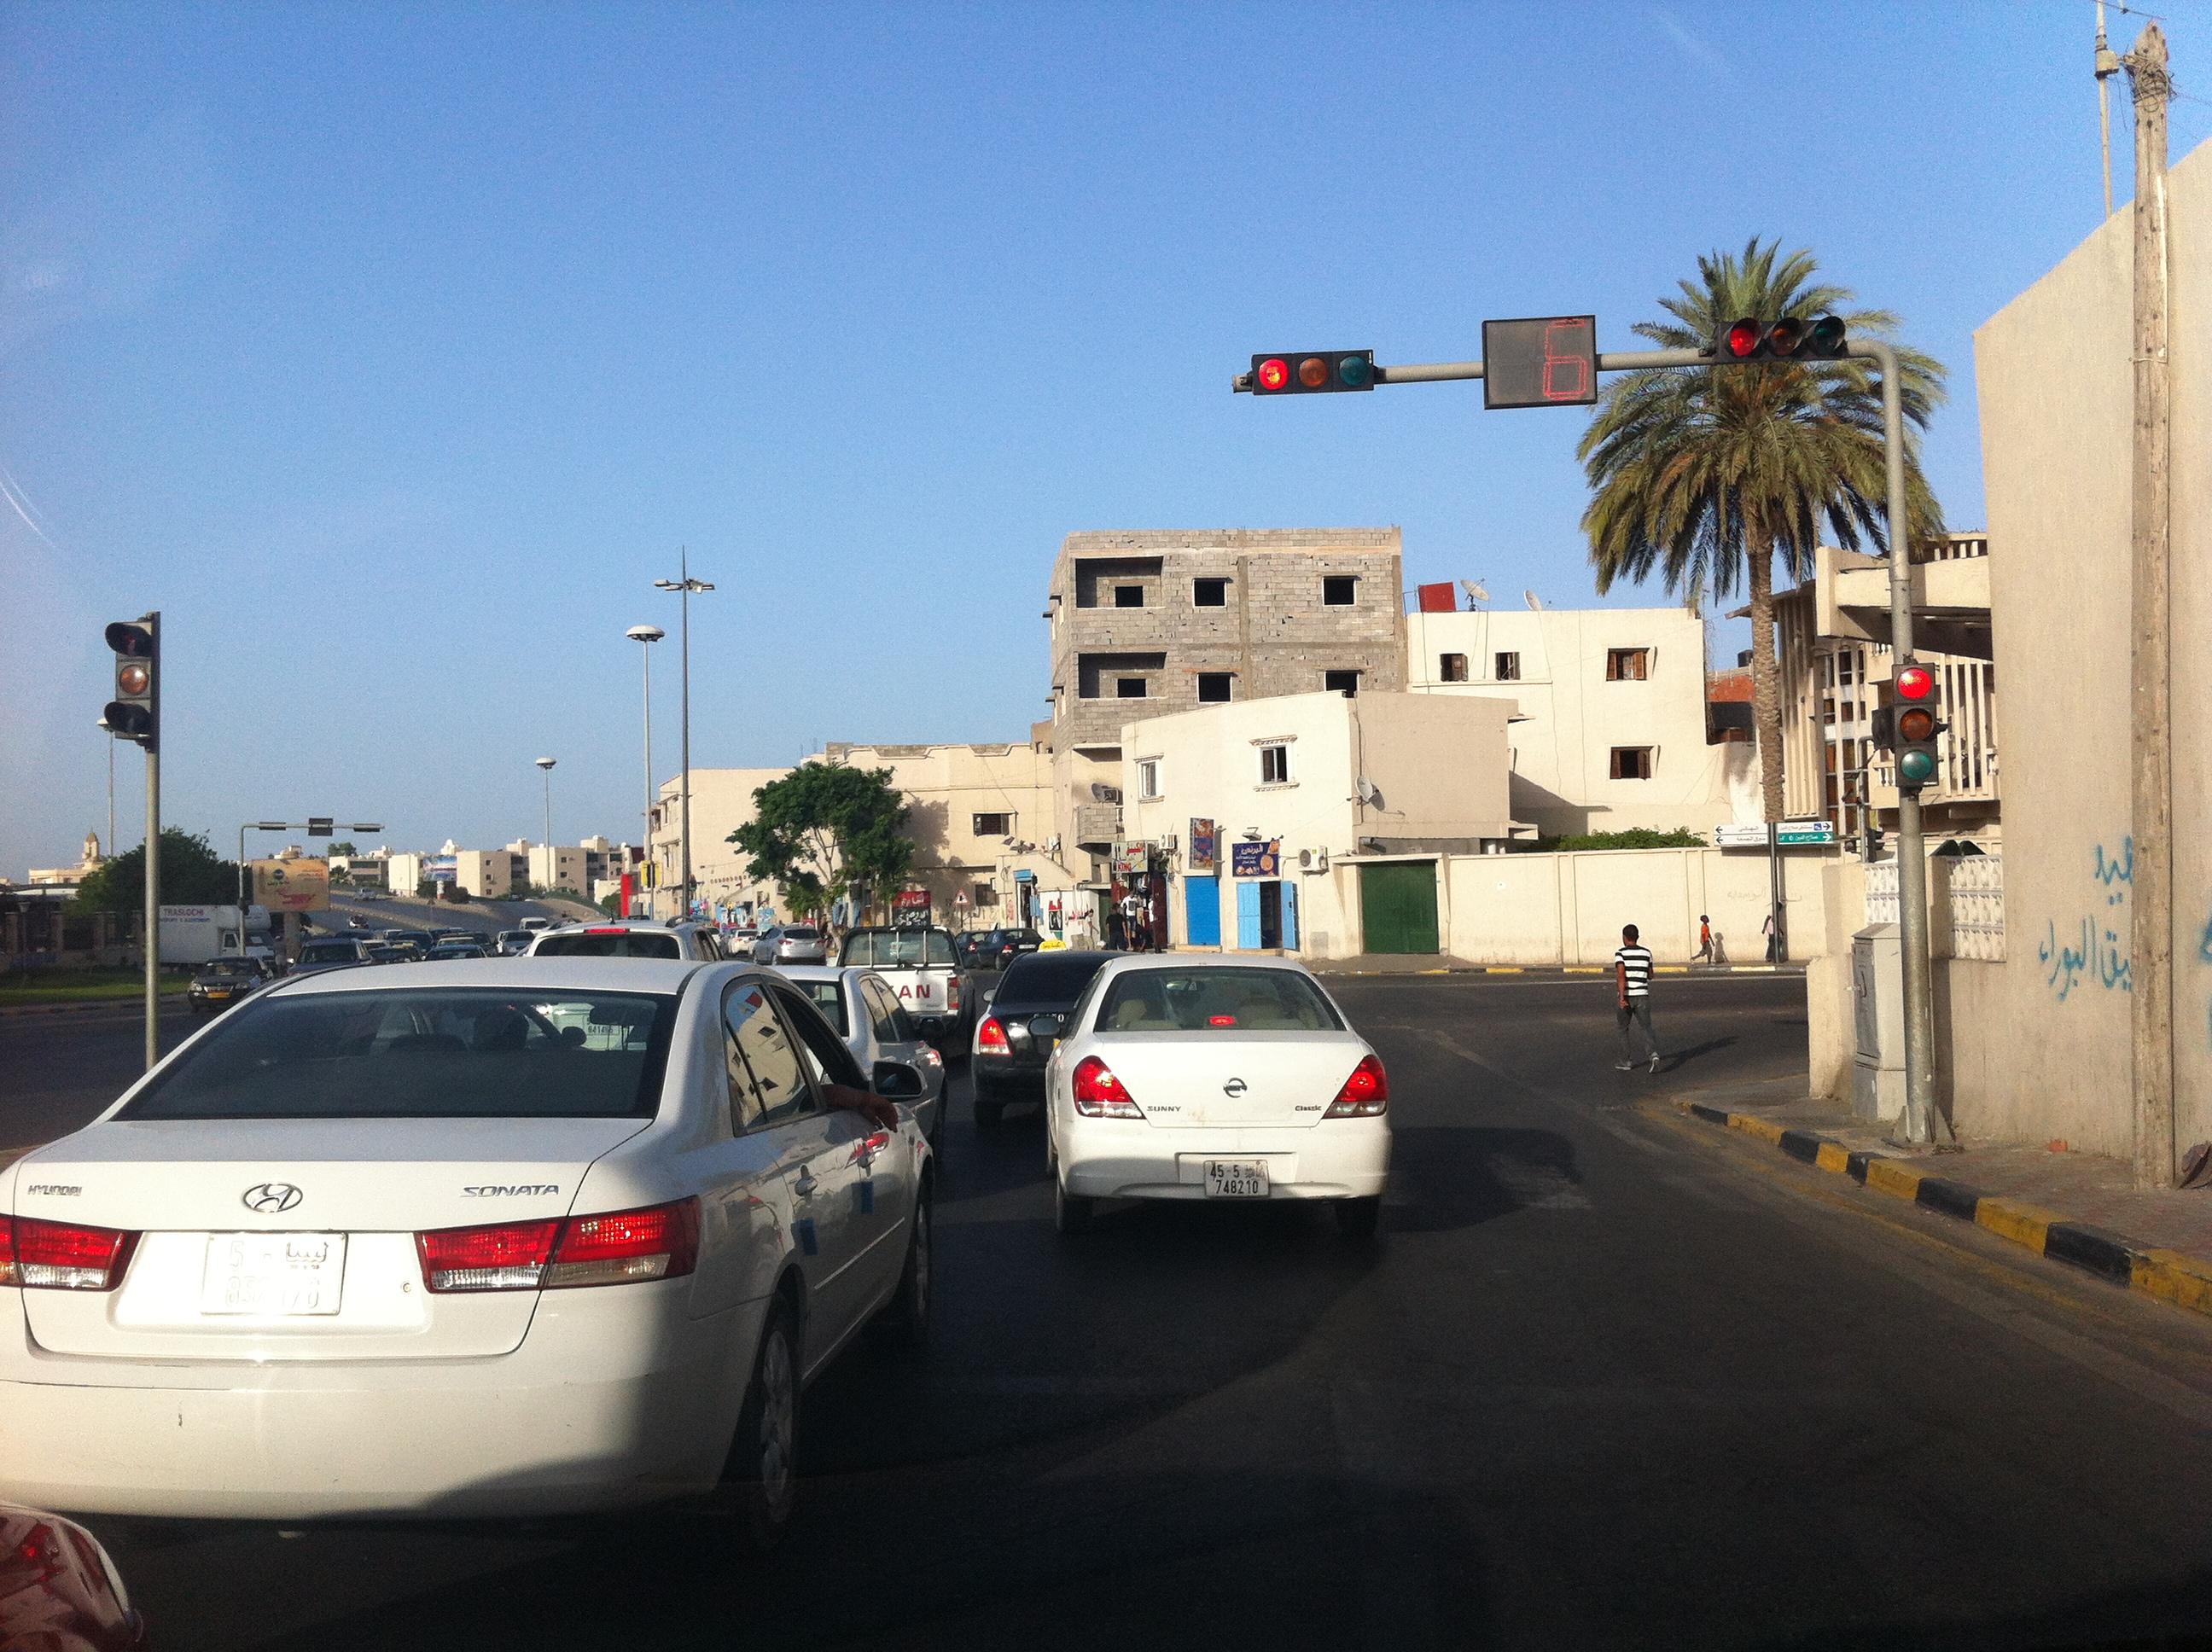 حين أشهد أن الليبيين تعلموا إحترام إشارة المرور الحمراء والوقوف قبل خط المشاة، حينها فقط سأقول بكل ثقة أن دم الشهداء ما مشاش هباء، فليبيا الجديدة التي ضحى من أجلها الليبيين ودفعوا ثمنها دماً، لم تقم بعد مادام هناك بشر يتساوون مع الحيوانات على الطرقات، فيسعون كالدواب دون قيود أو ضوابط.